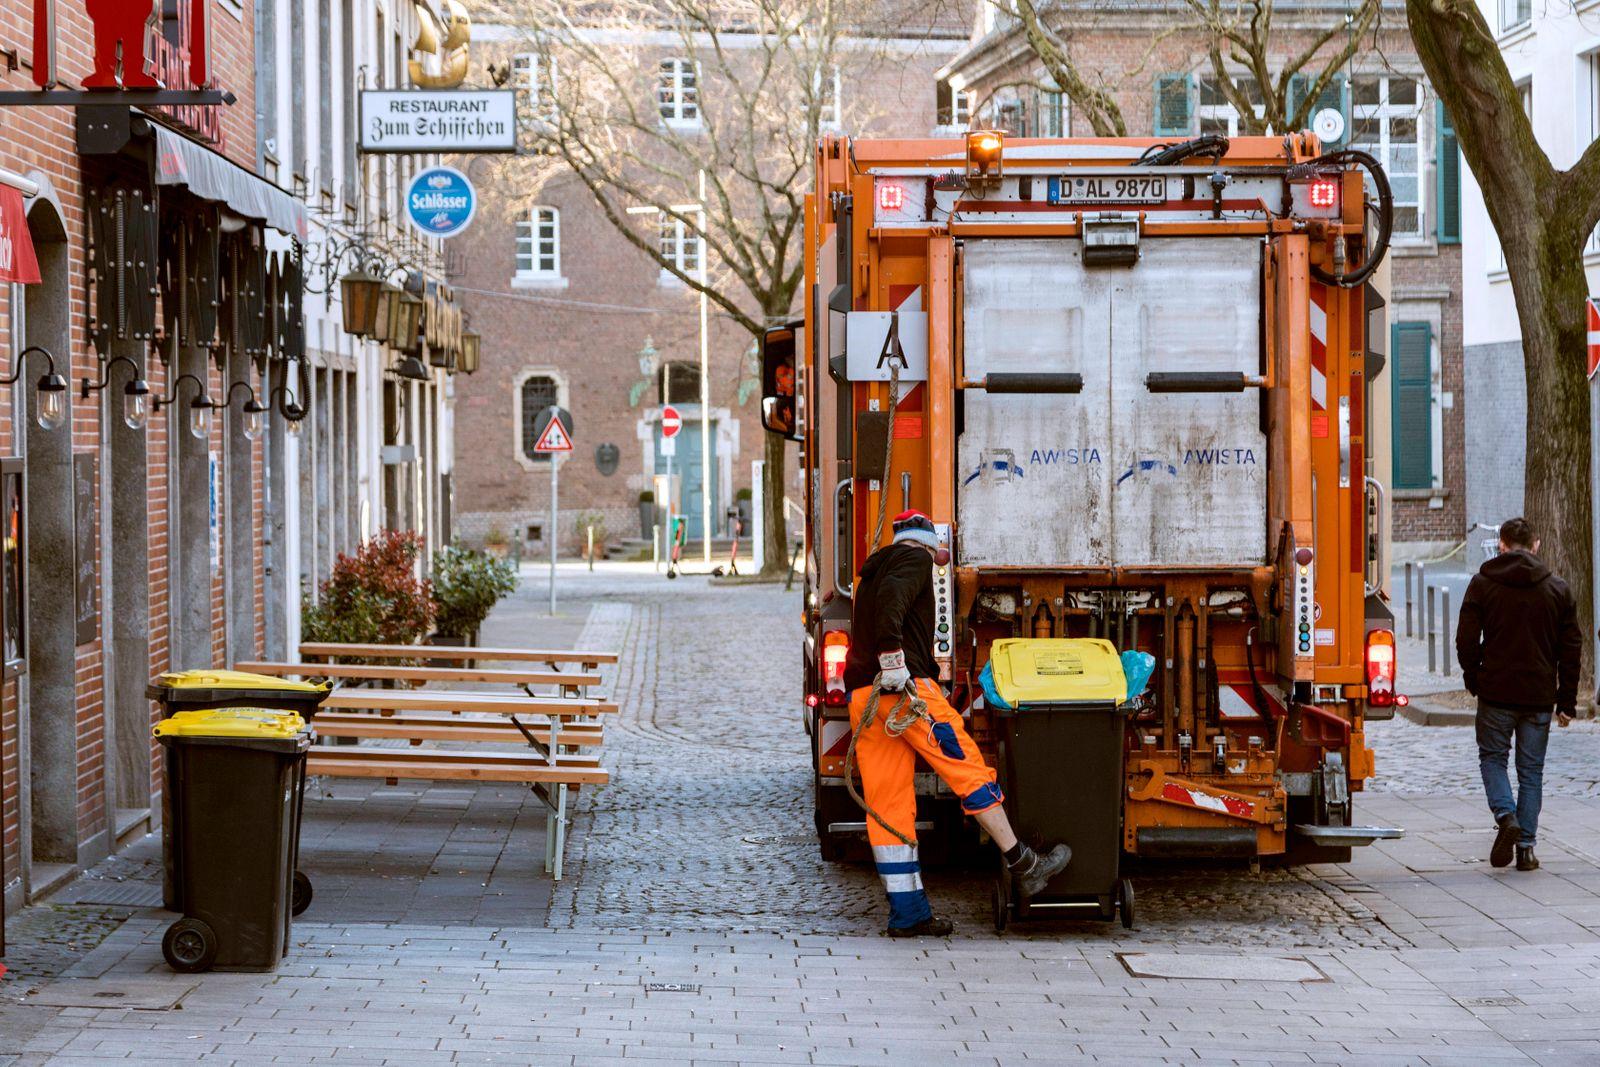 Aufgrund der Corona-Pandemie ist die Altstadt während der Geschäftszeiten fast leer, die Müllabfuhr der AWISTA arbeitet